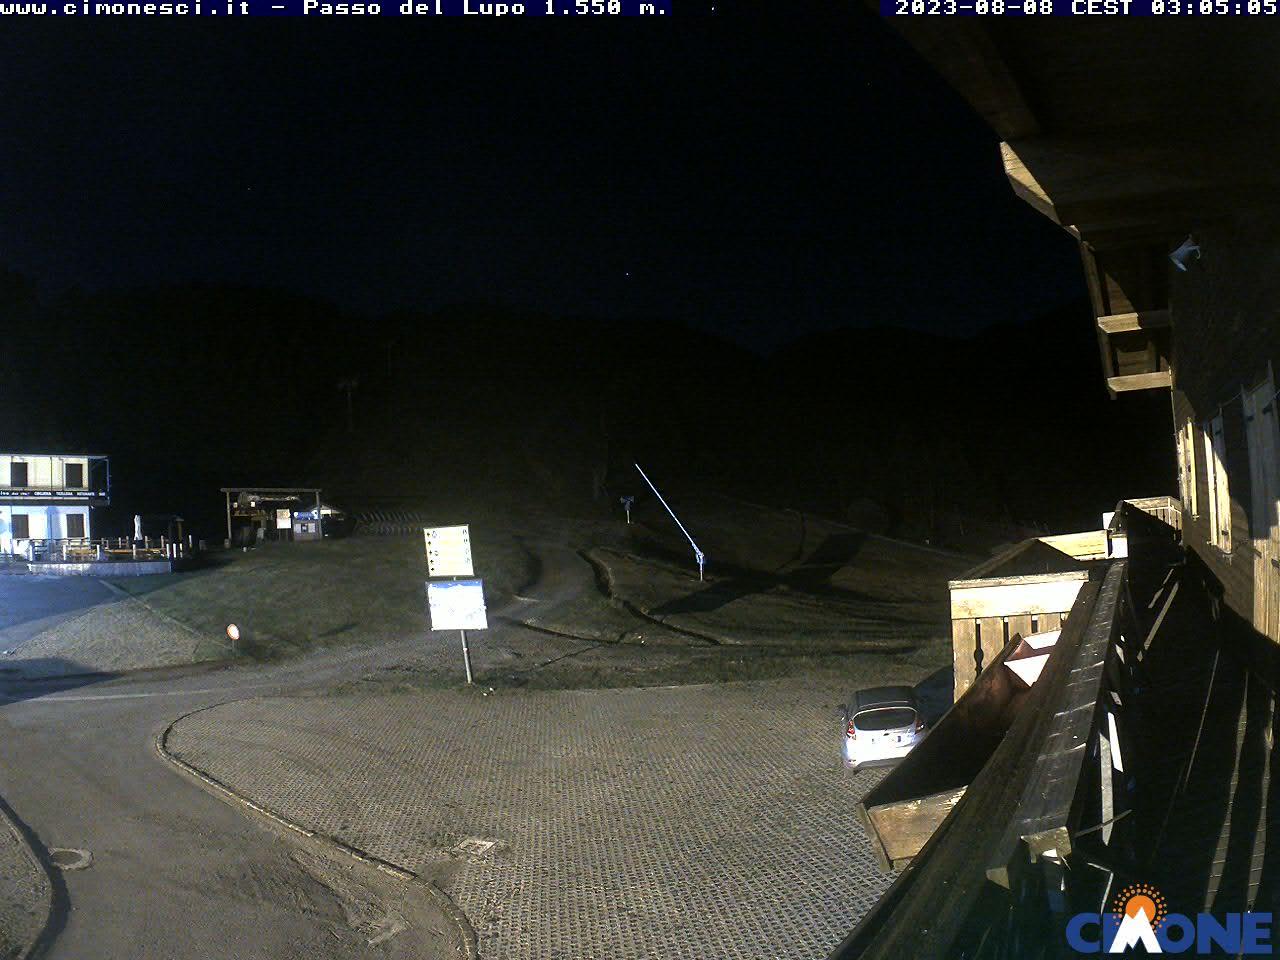 webcam passo del lupo